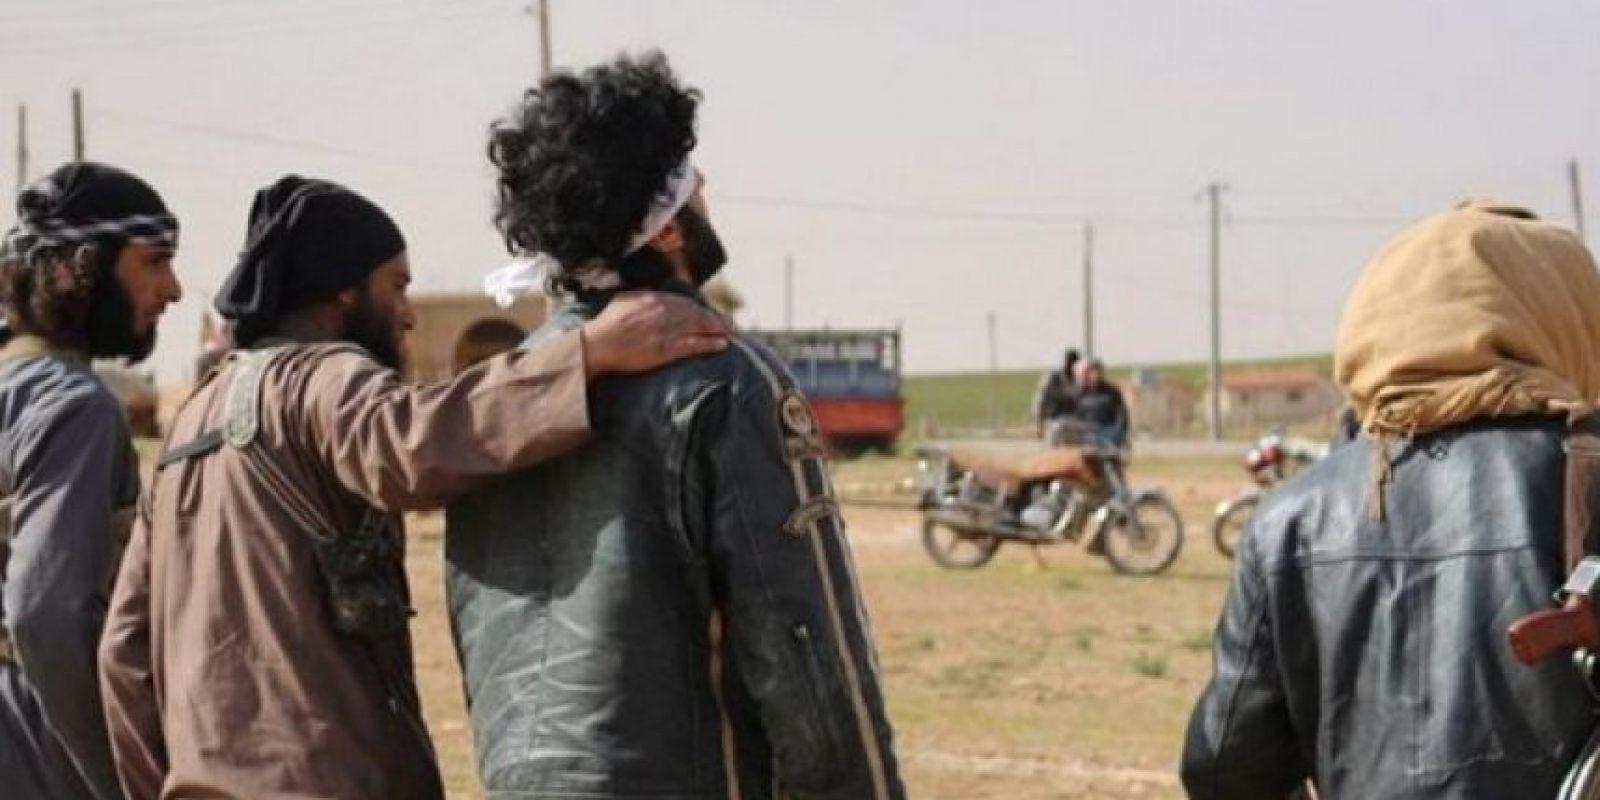 """8. """"El abrazo de la muerte"""": Lo dan los militantes de ISIS antes de asesinar a la persona Foto:Twitter – Archivo"""